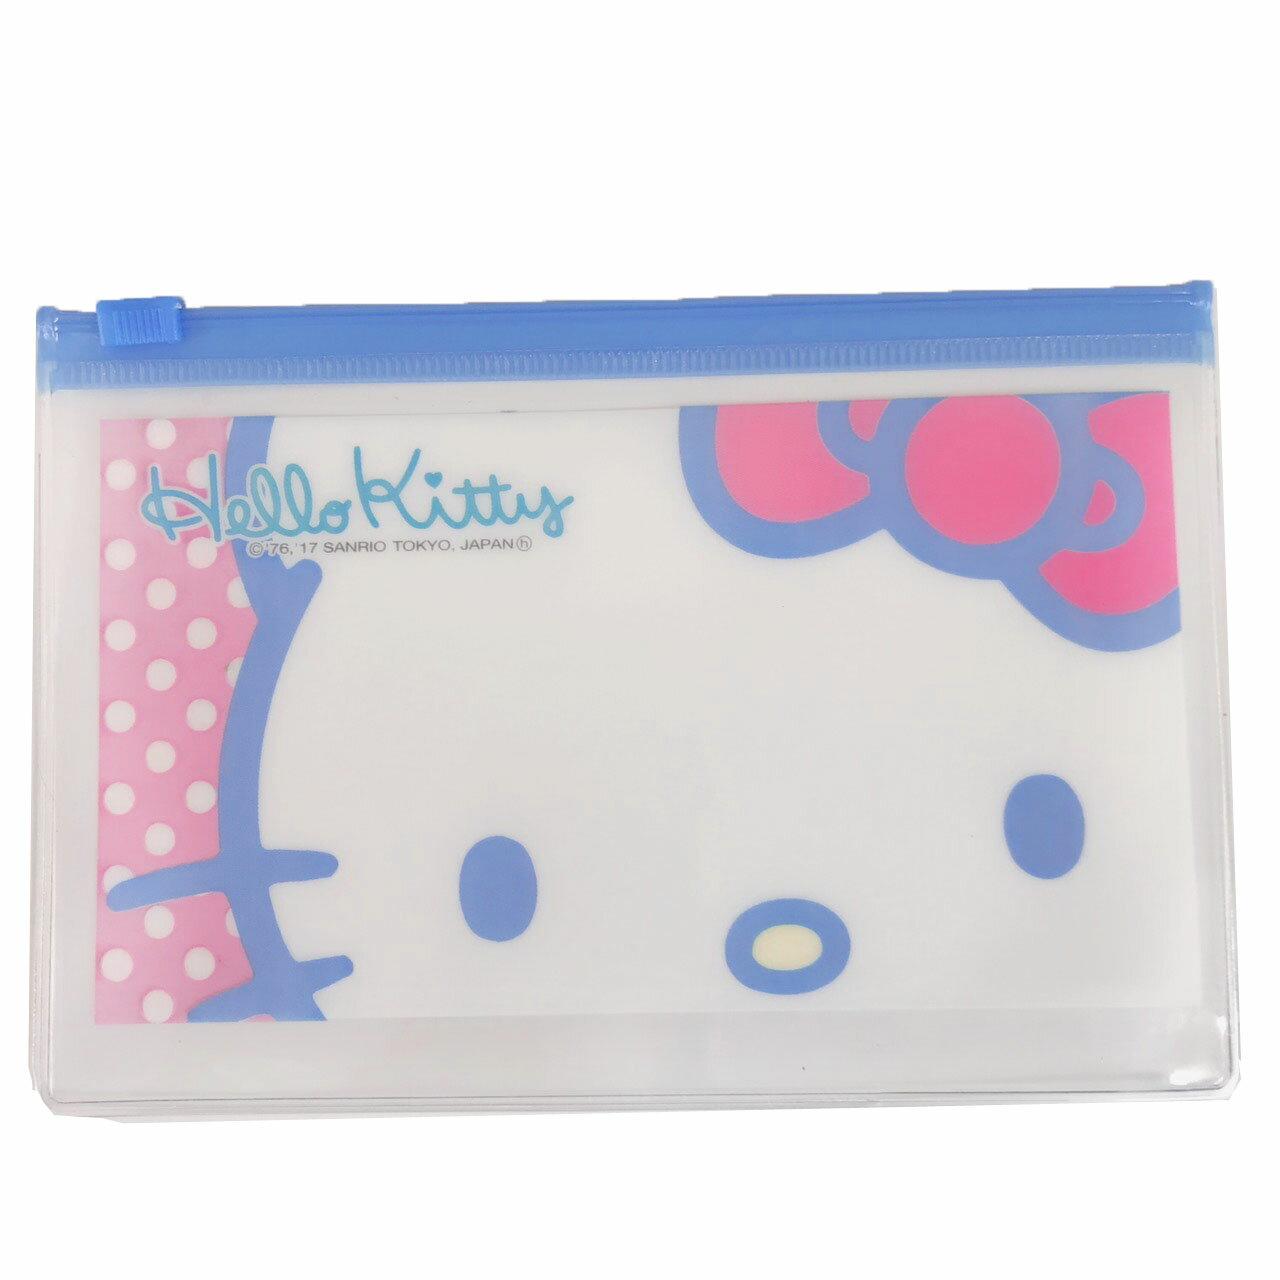 【真愛日本】17122300047 專賣店夾鏈袋-KT臉點點 三麗鷗 kitty 凱蒂貓 夾鏈袋 發票收納袋